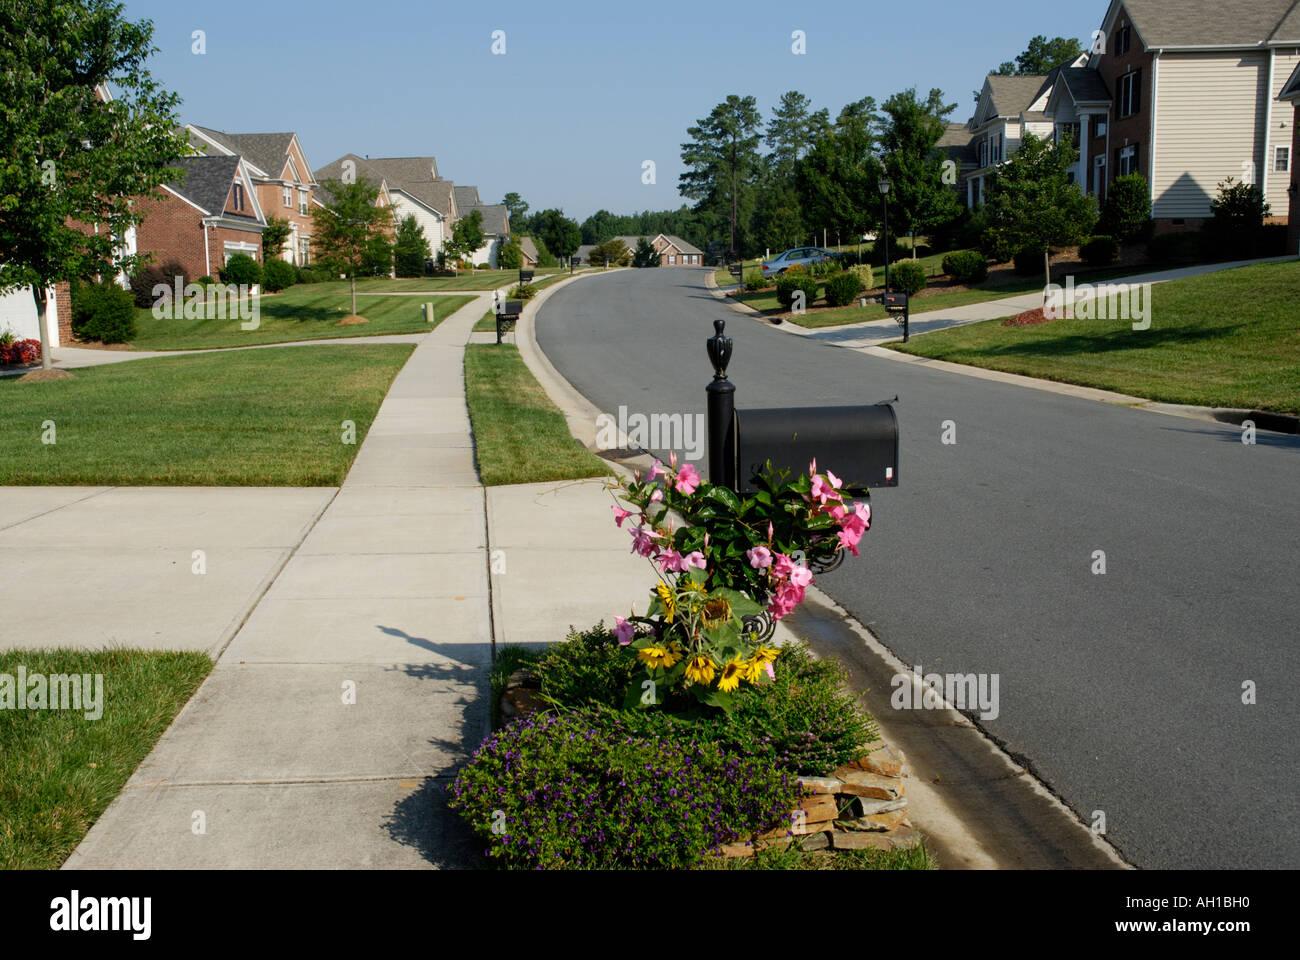 Développement de quartier rue de banlieue avec trottoir, boîte aux lettres, fleurs Banque D'Images